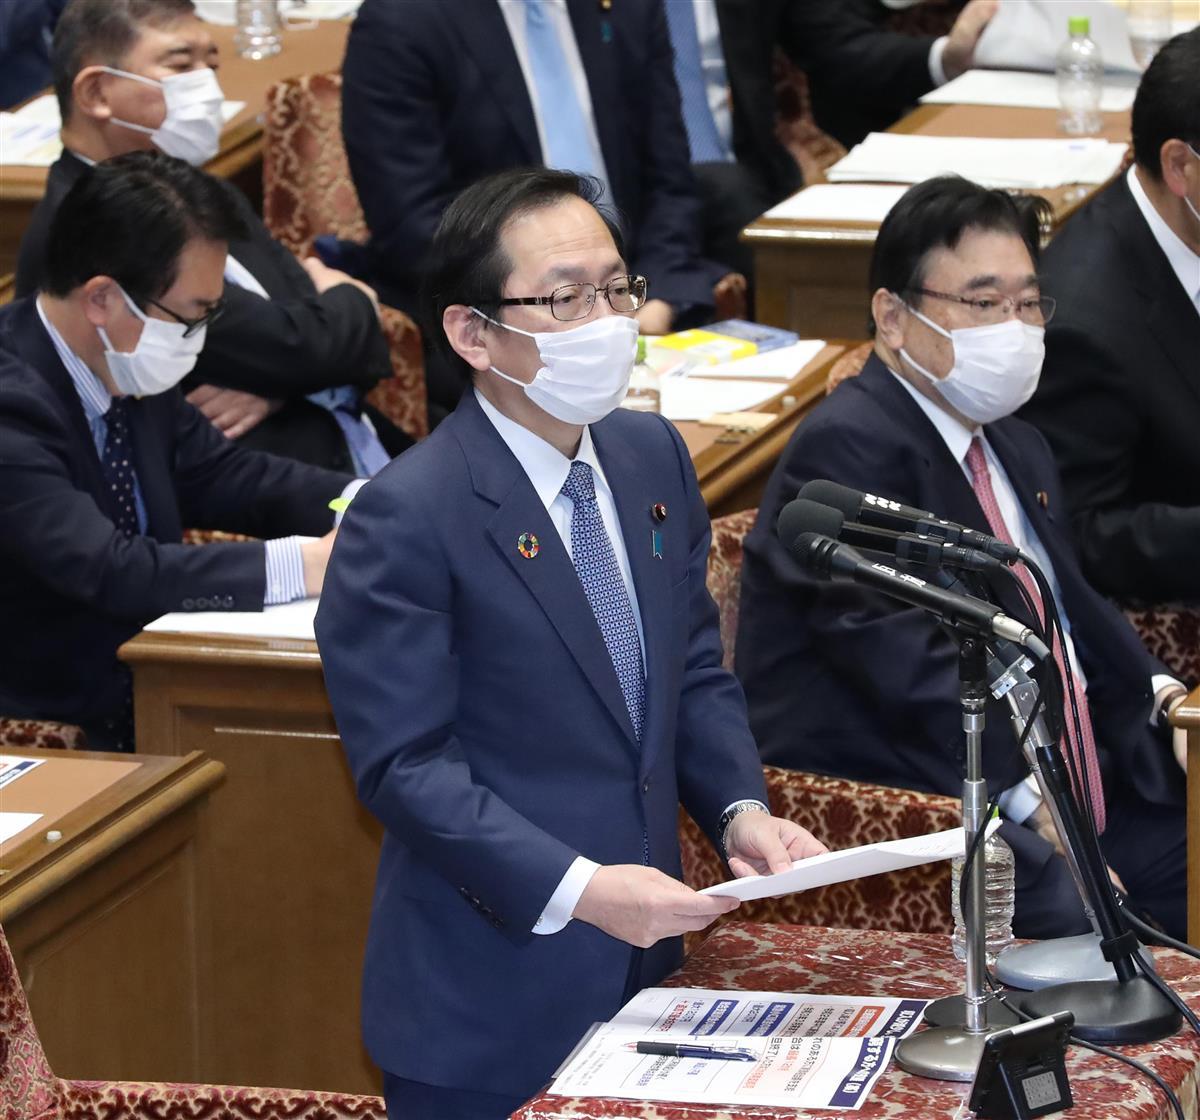 公明党・竹内譲政調会長(春名中撮影)